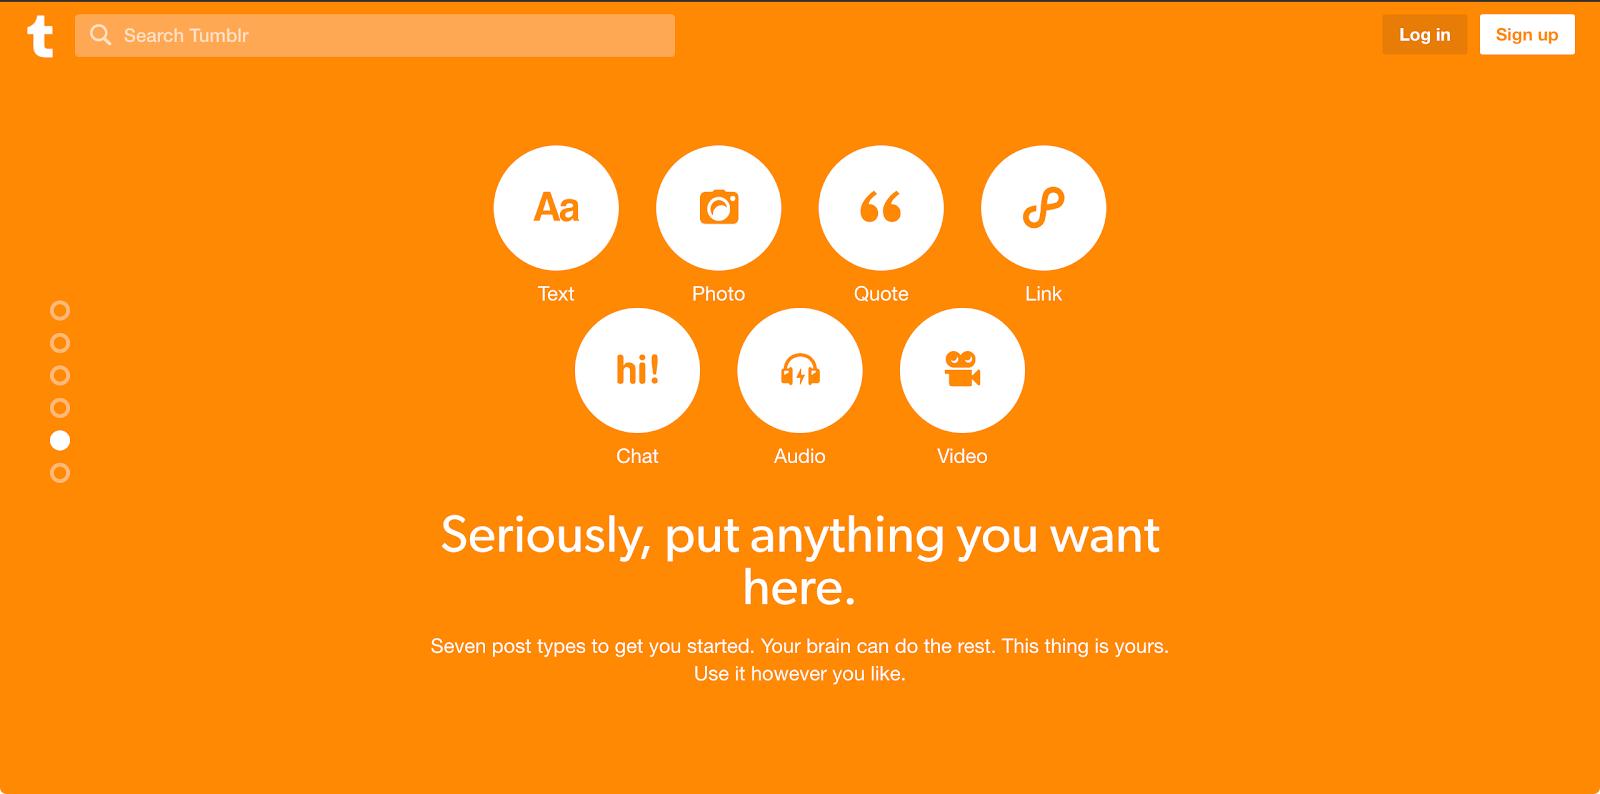 Best blogging platform for microblogging - Tumblr